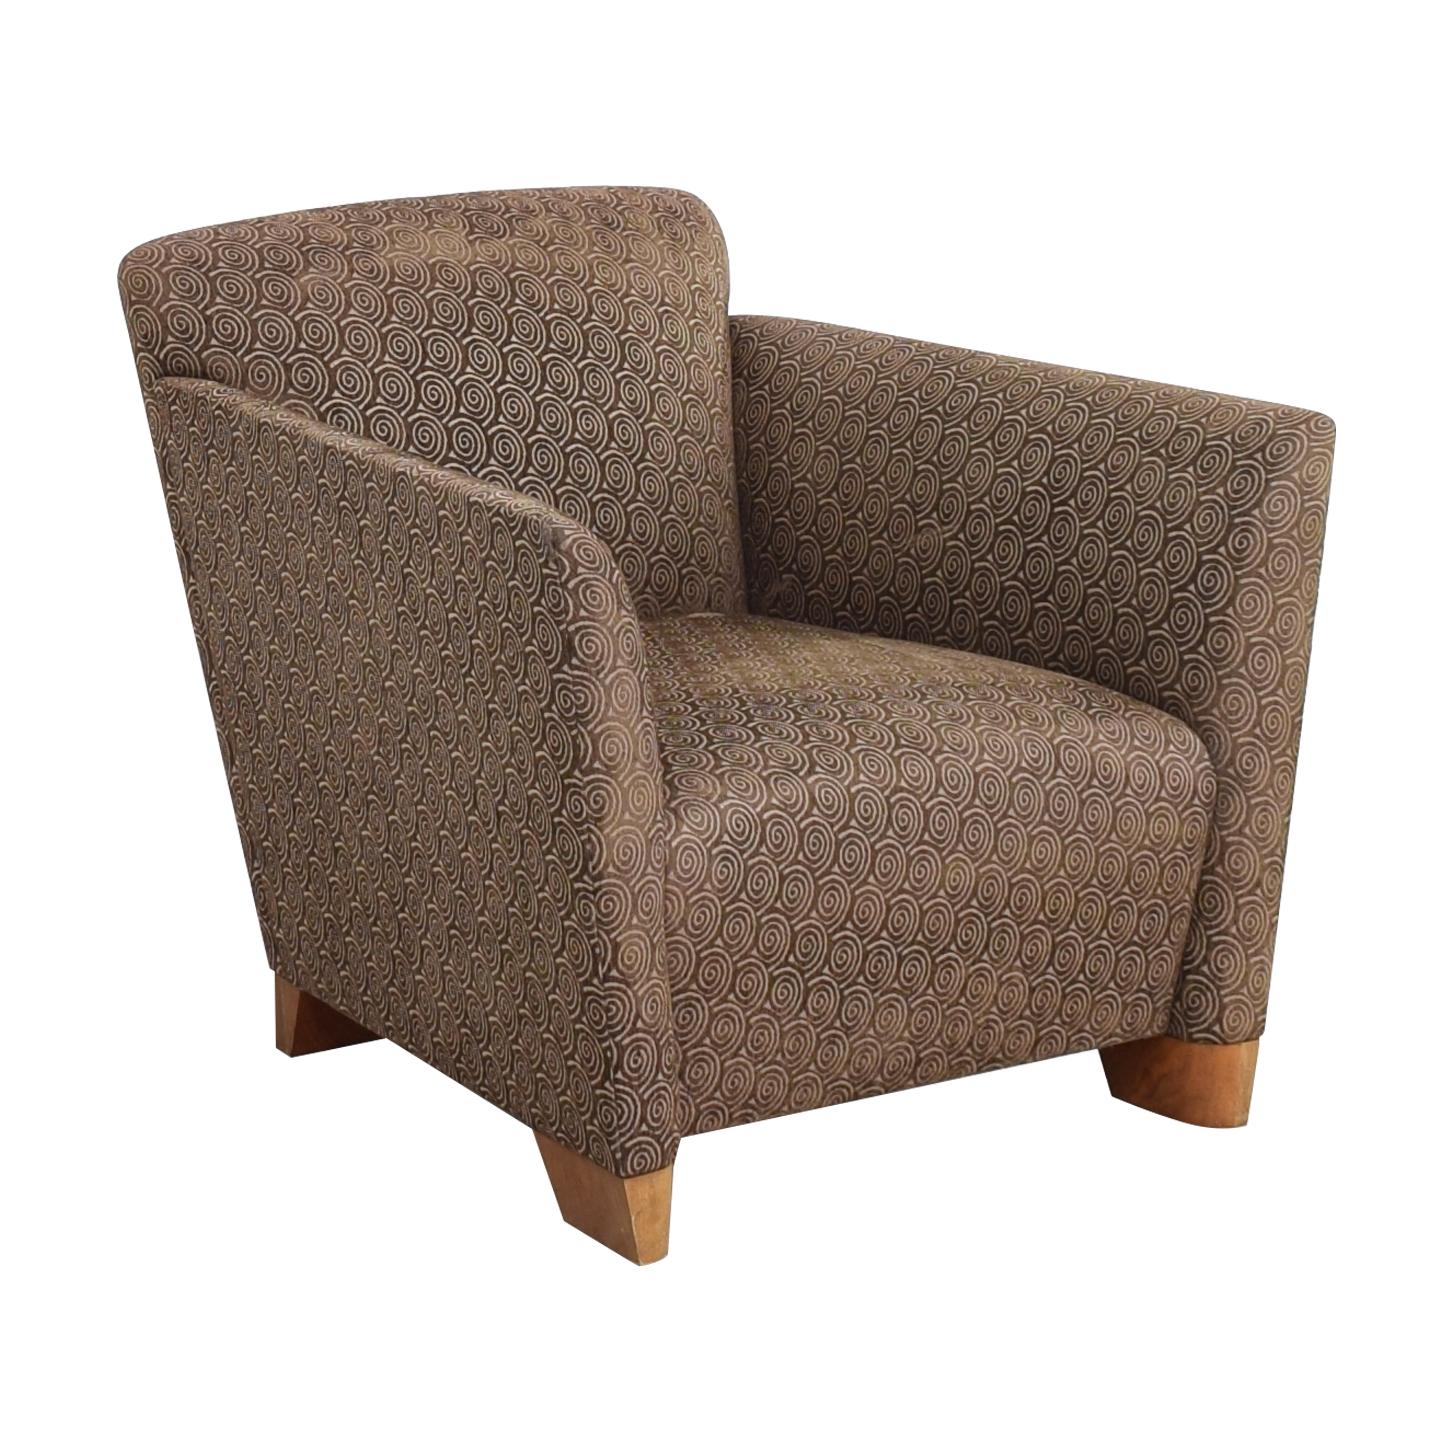 Kravet Kravet Dana Chair Chairs